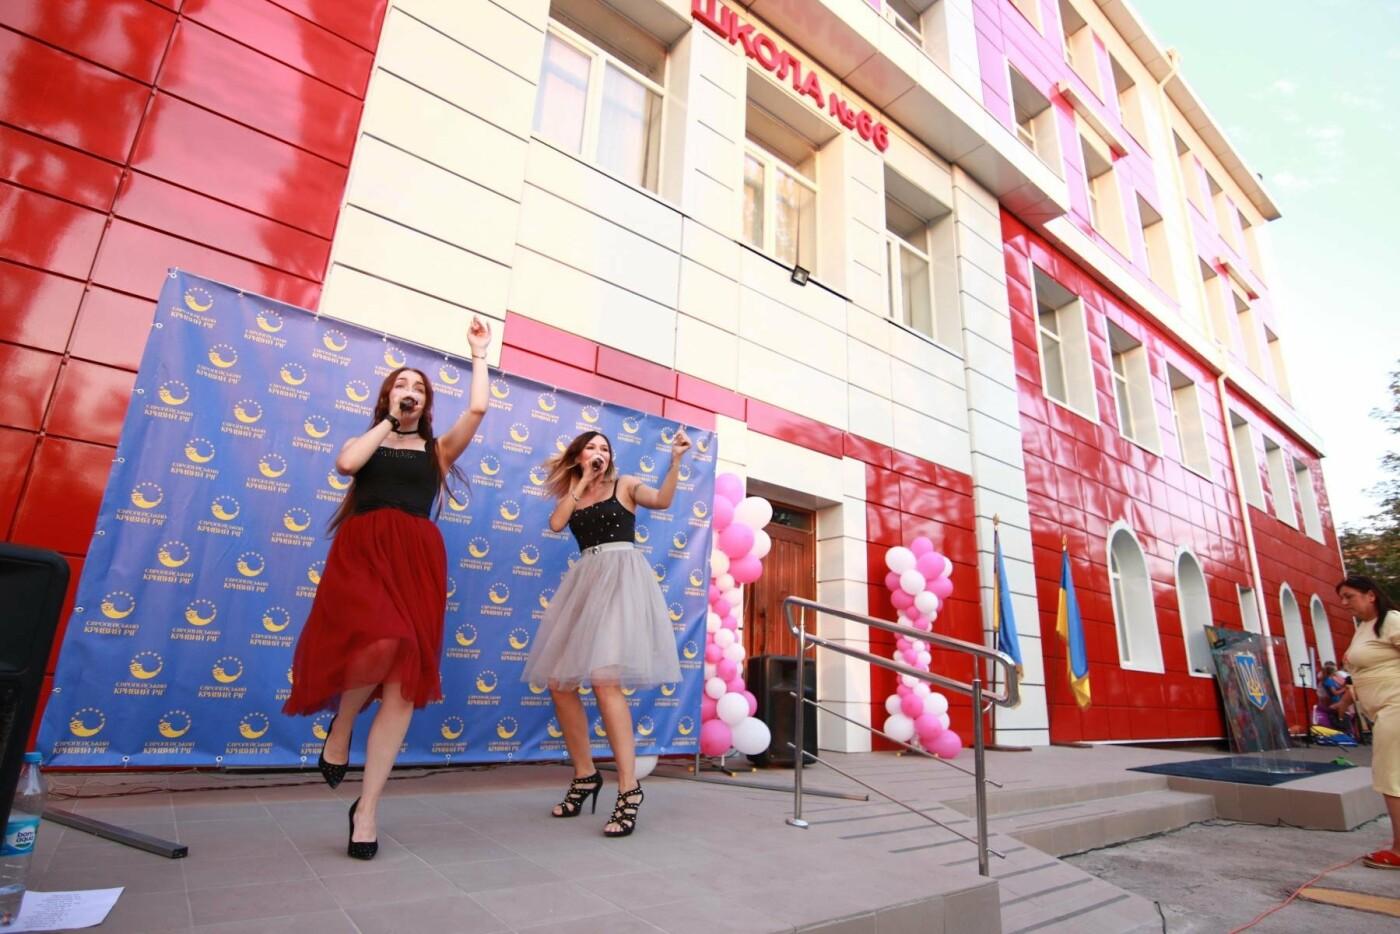 Малиновое настроение: нардеп Усов открыл после реконструкции школу № 66 в Кривом Роге, фото-3